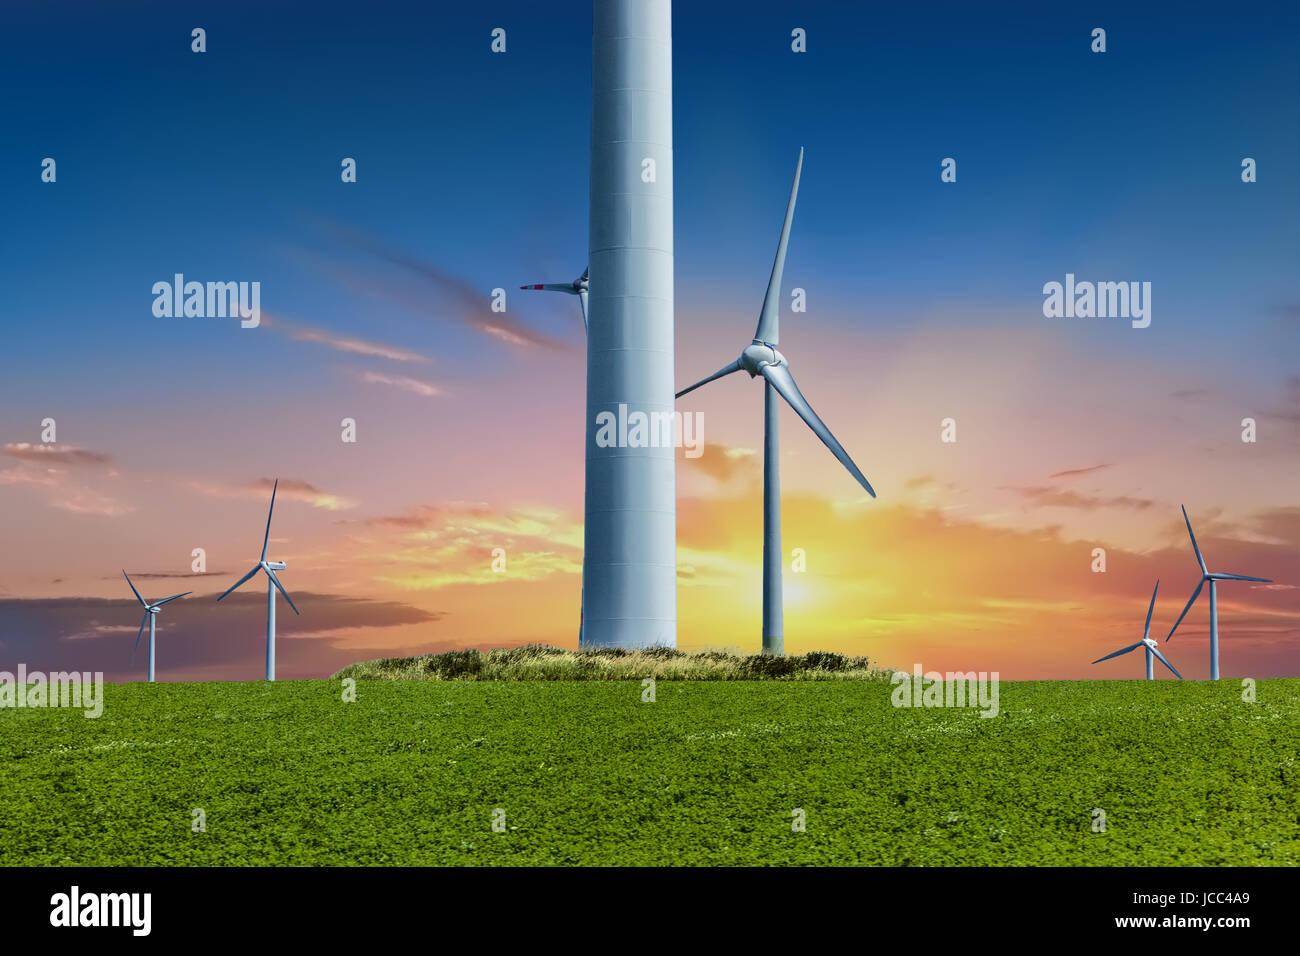 Alternative Energien, Windkraftanlagen, Windpark im Sonnenuntergang, Deutschland Stockbild